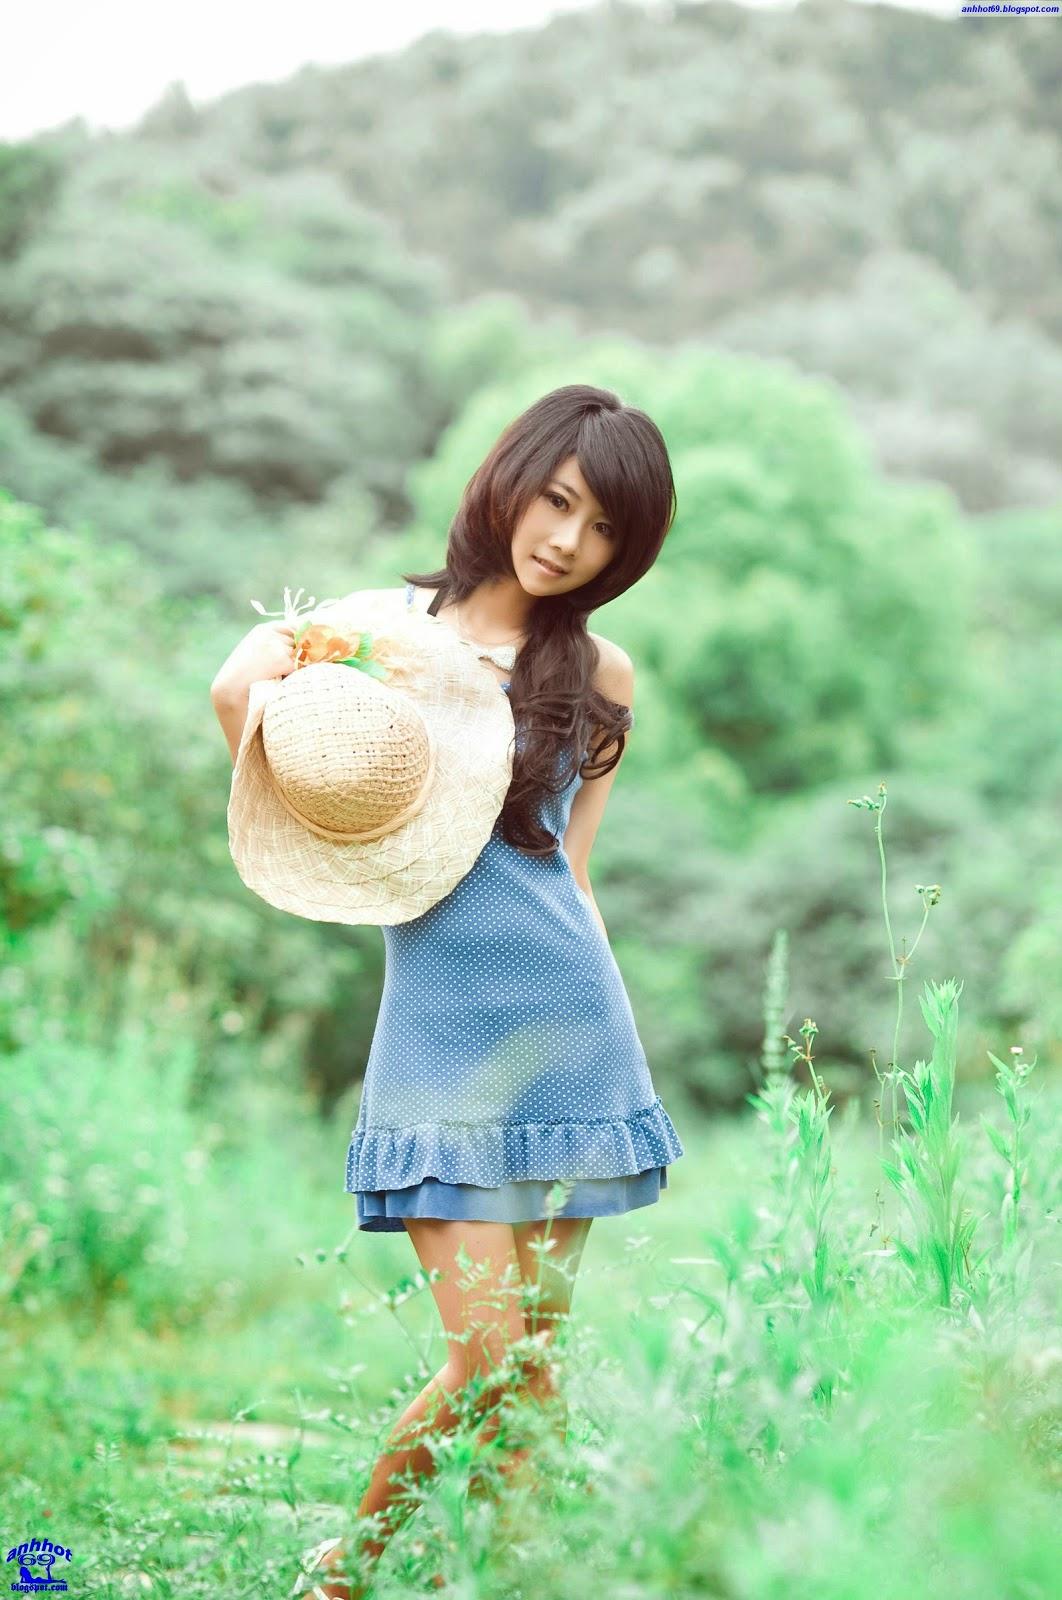 Vivi_Xia_Xiaowei_5247515_201307102027120992